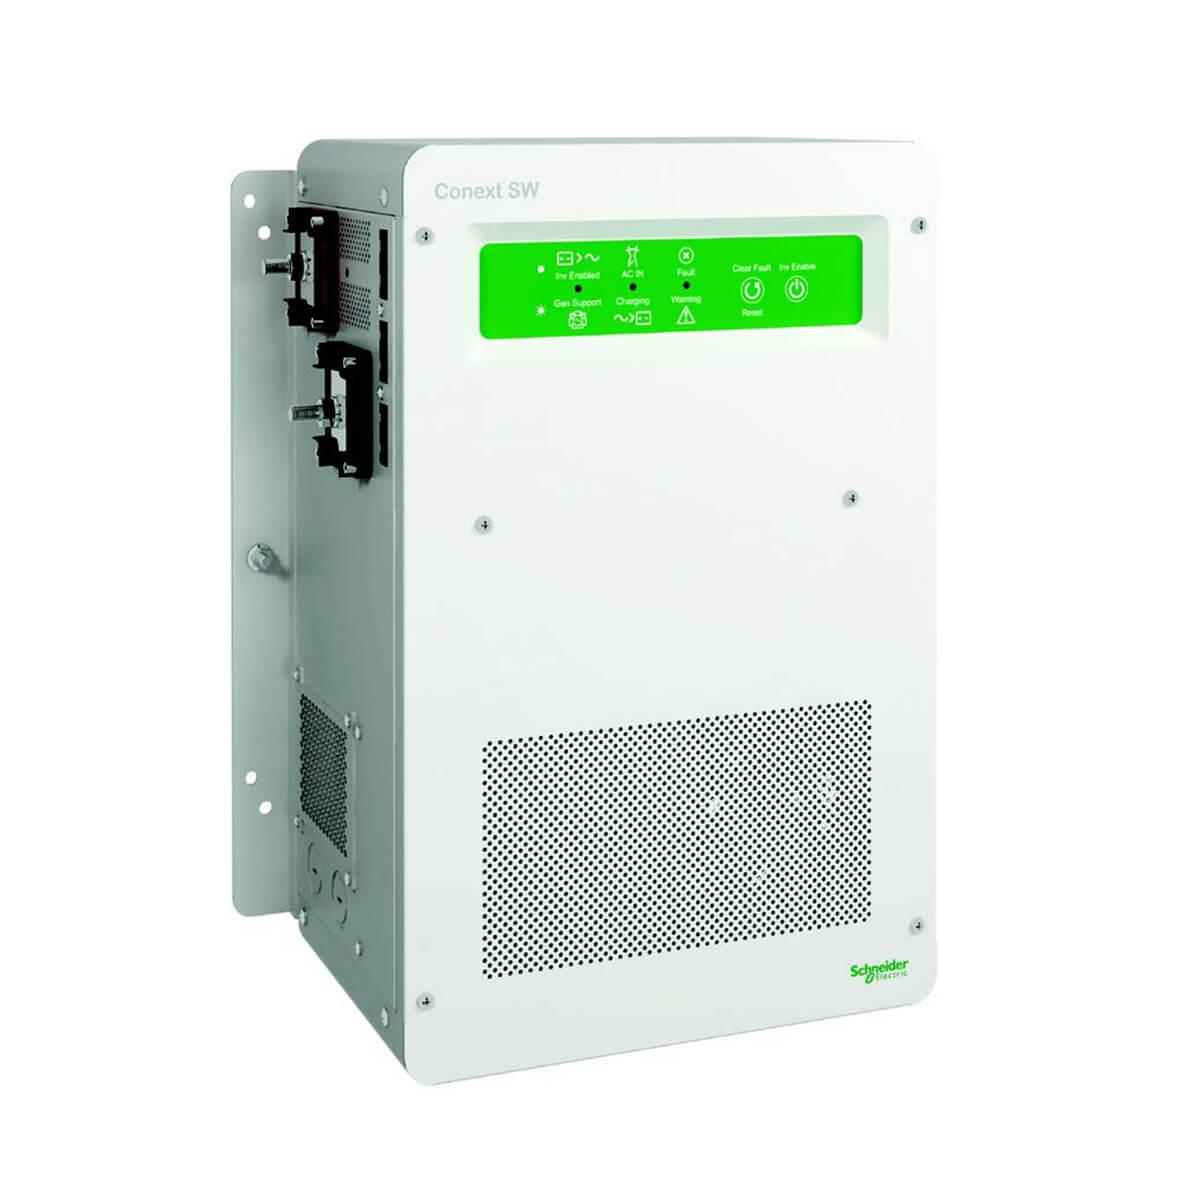 schneider electric 3.4kW inverter, schneider electric sw 4024 230 3.4kW inverter, schneider electric sw 4024 230 inverter, schneider electric sw 4024 230, schneider electric 3.4 kW, SCHNEIDER ELECTRIC 3.4 KW